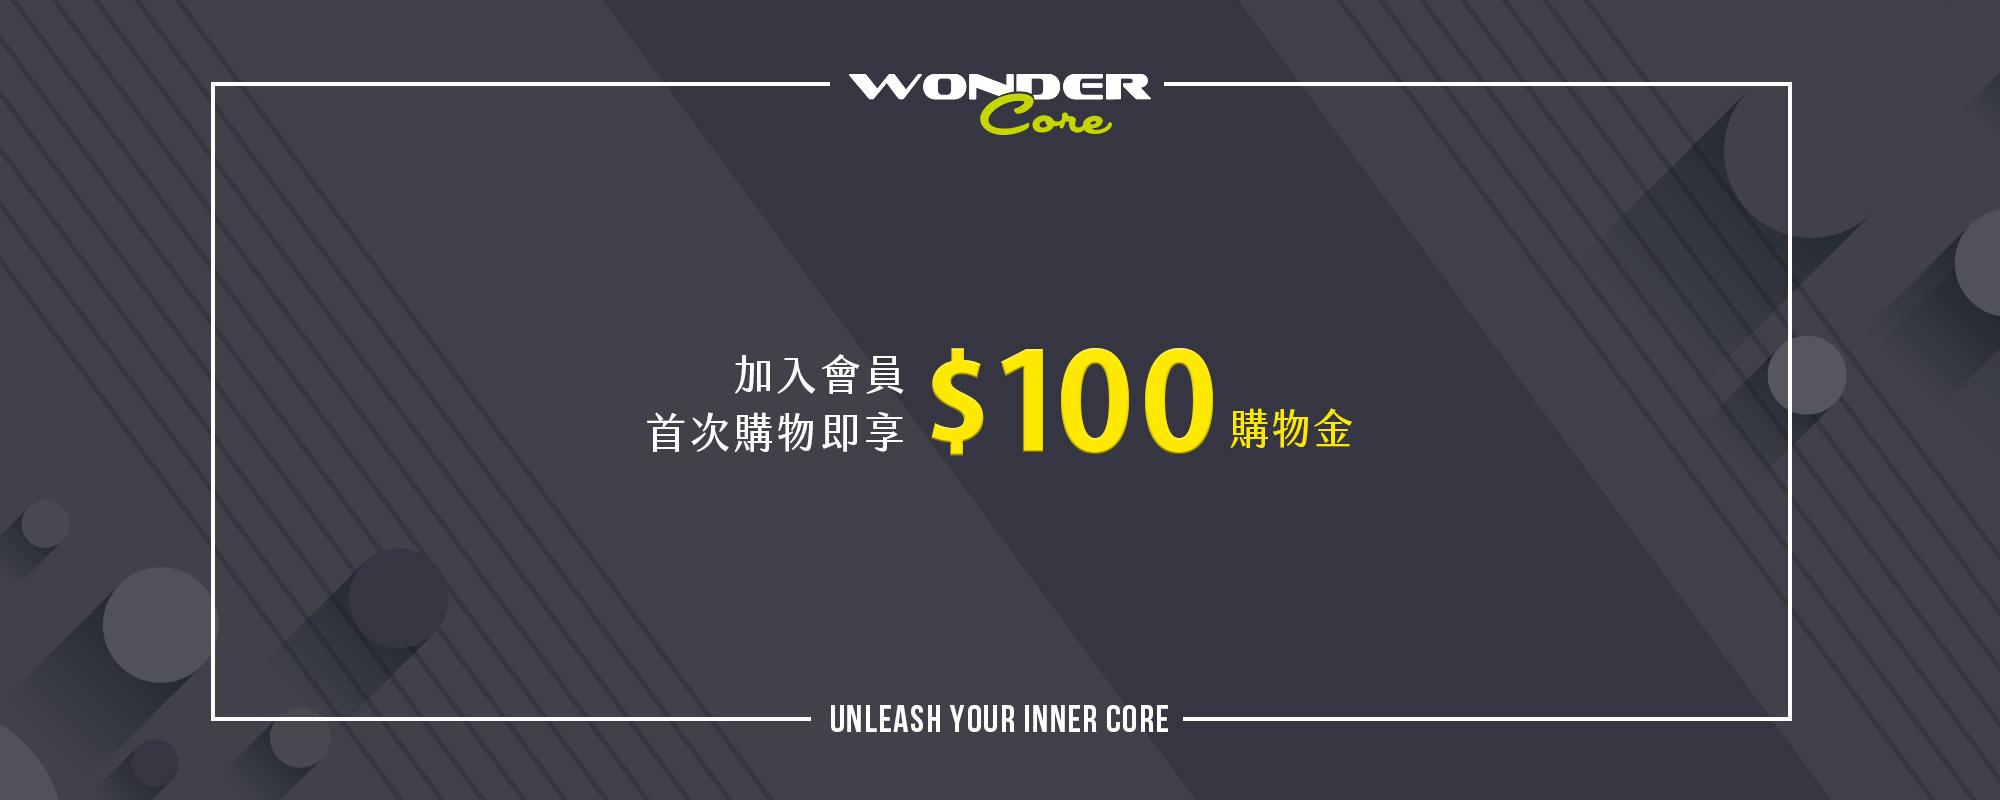 加入會員首次購物即享購物金100元